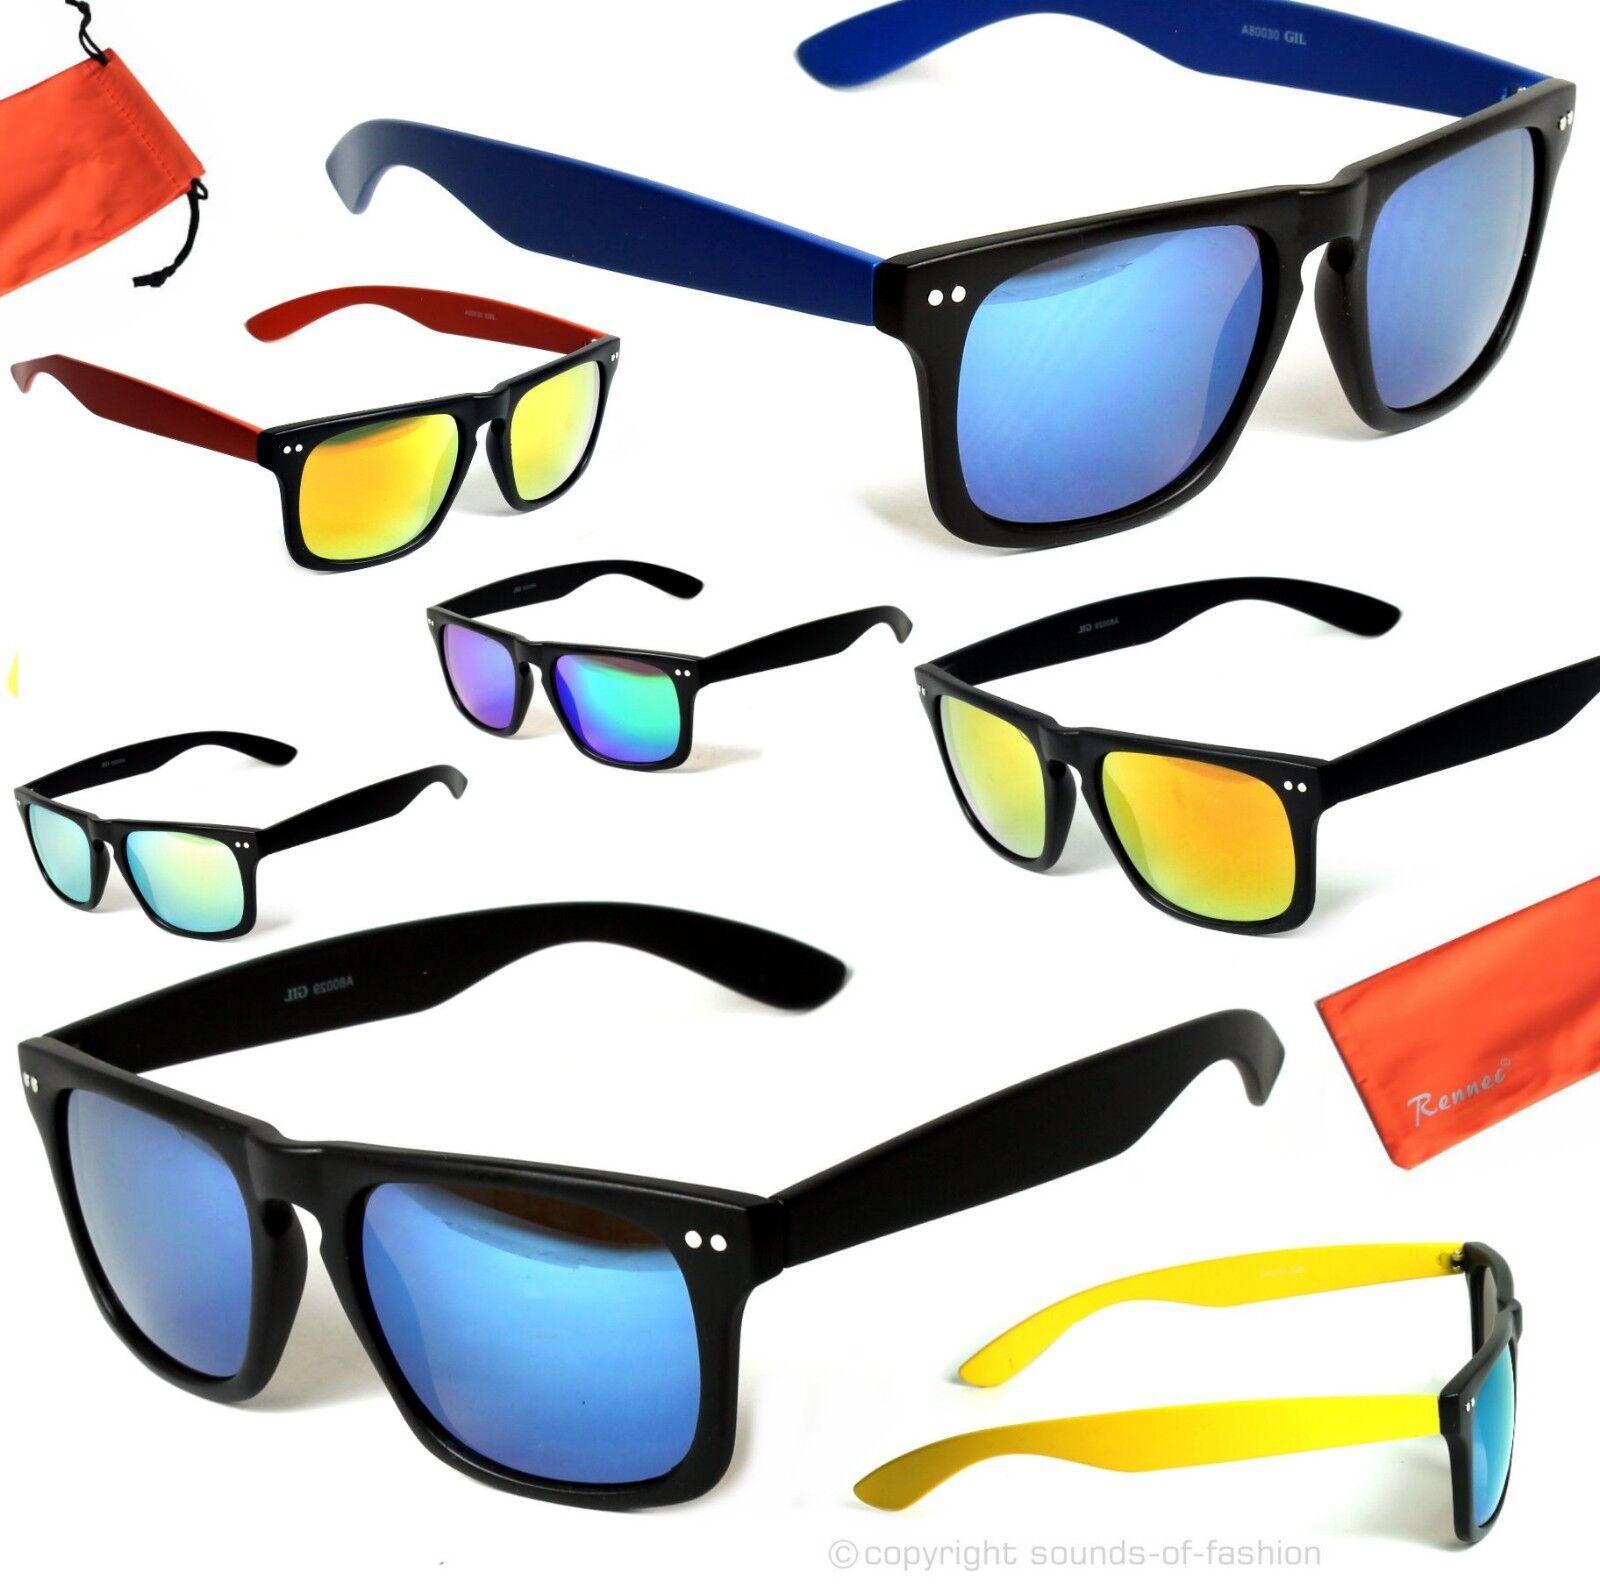 Schmale Rechteck Sonnenbrille Verspiegelt Retro Nerd Brille Herren Damen WF3